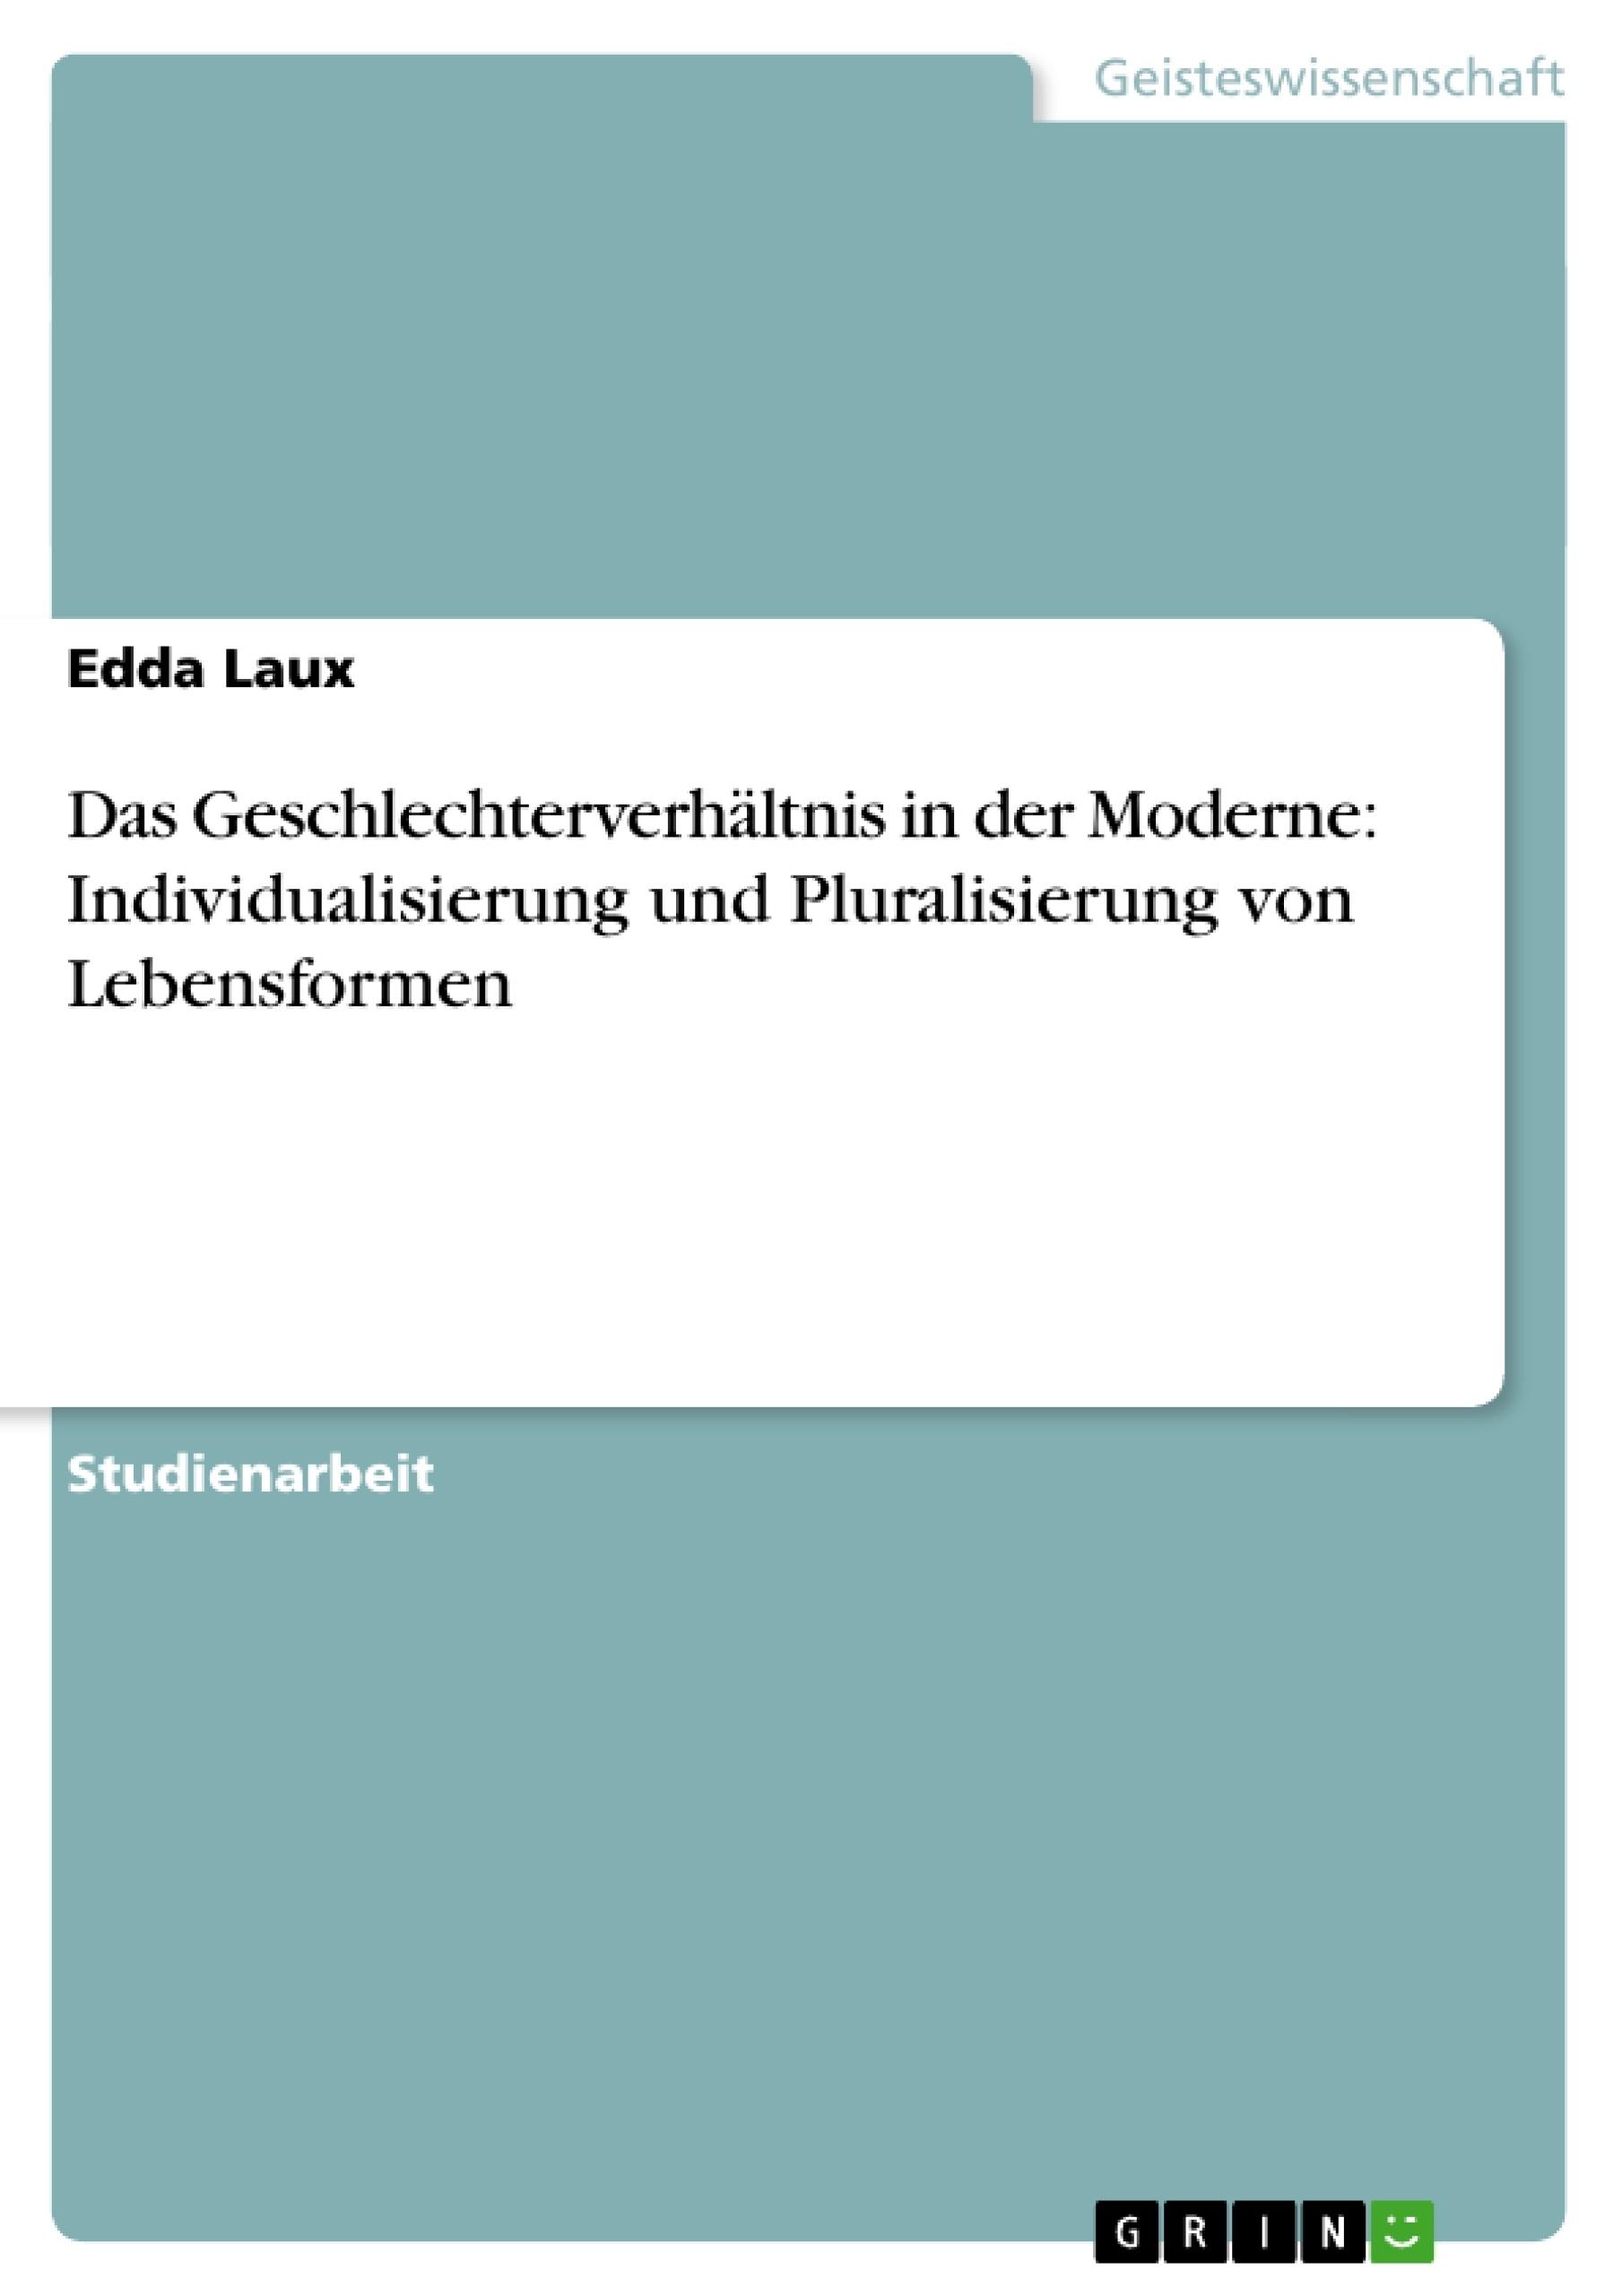 Titel: Das Geschlechterverhältnis in der Moderne: Individualisierung und Pluralisierung von Lebensformen